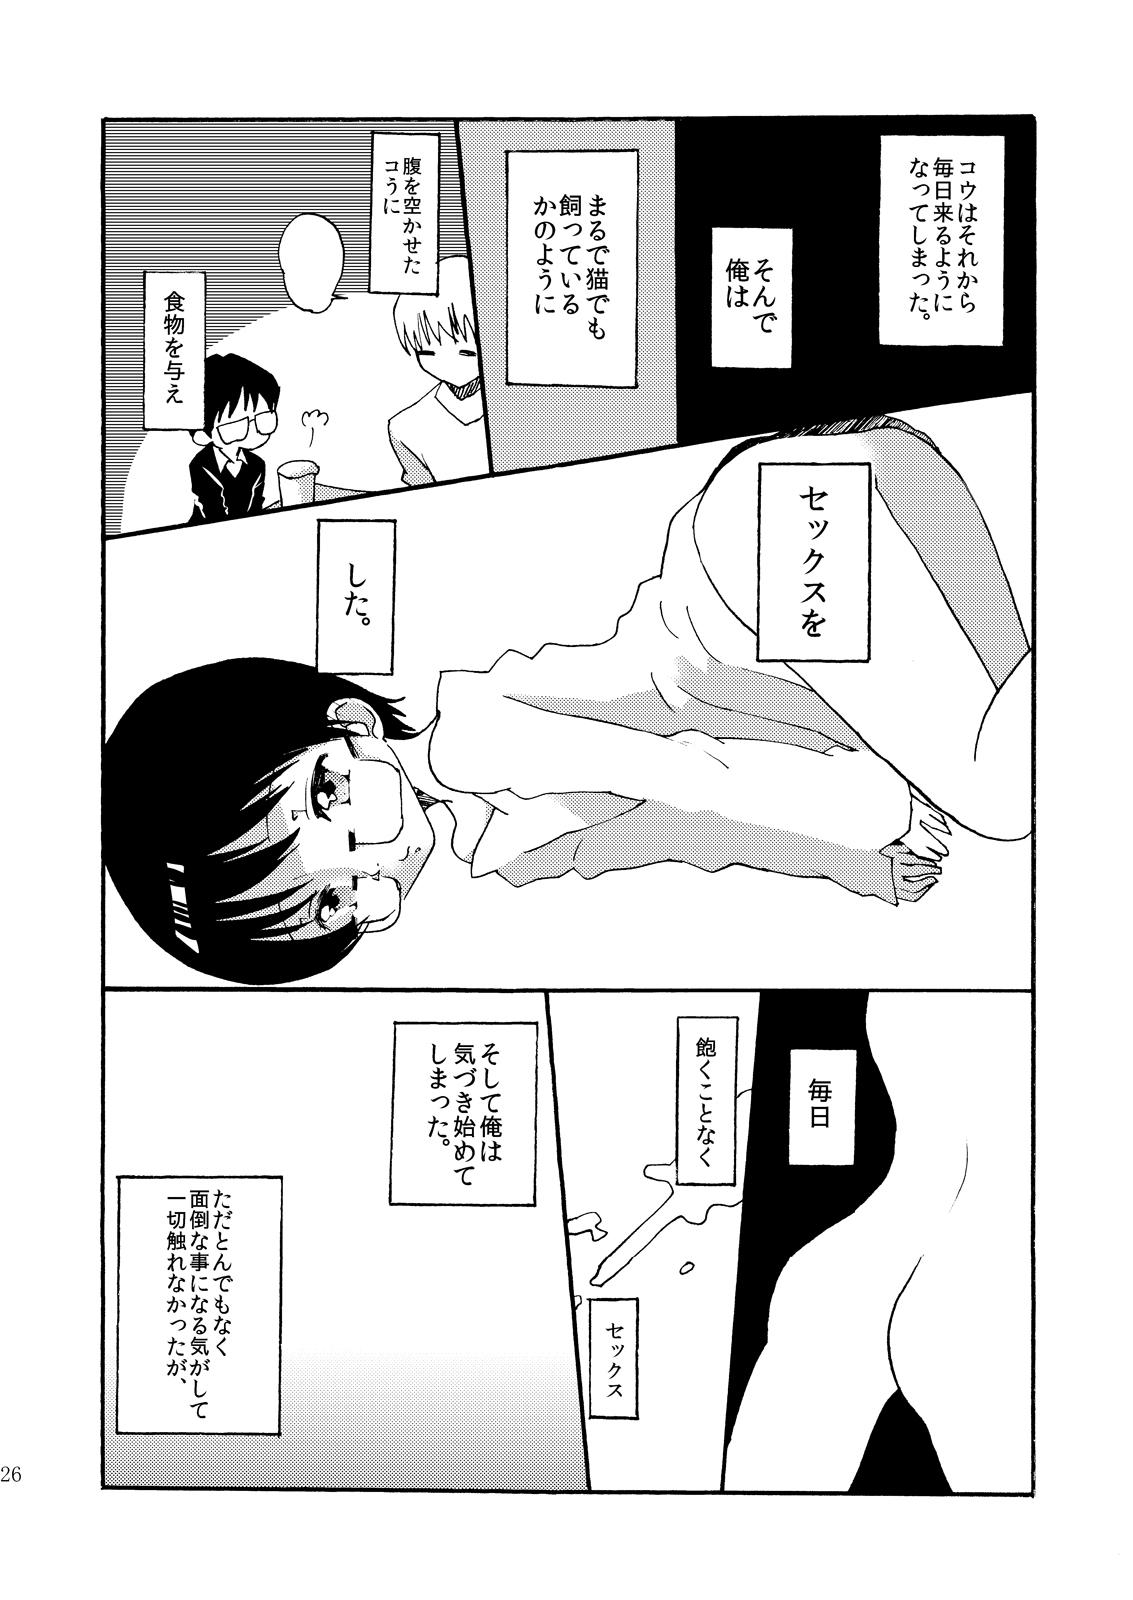 Yuugure Doki no ♂ Gakusei 24